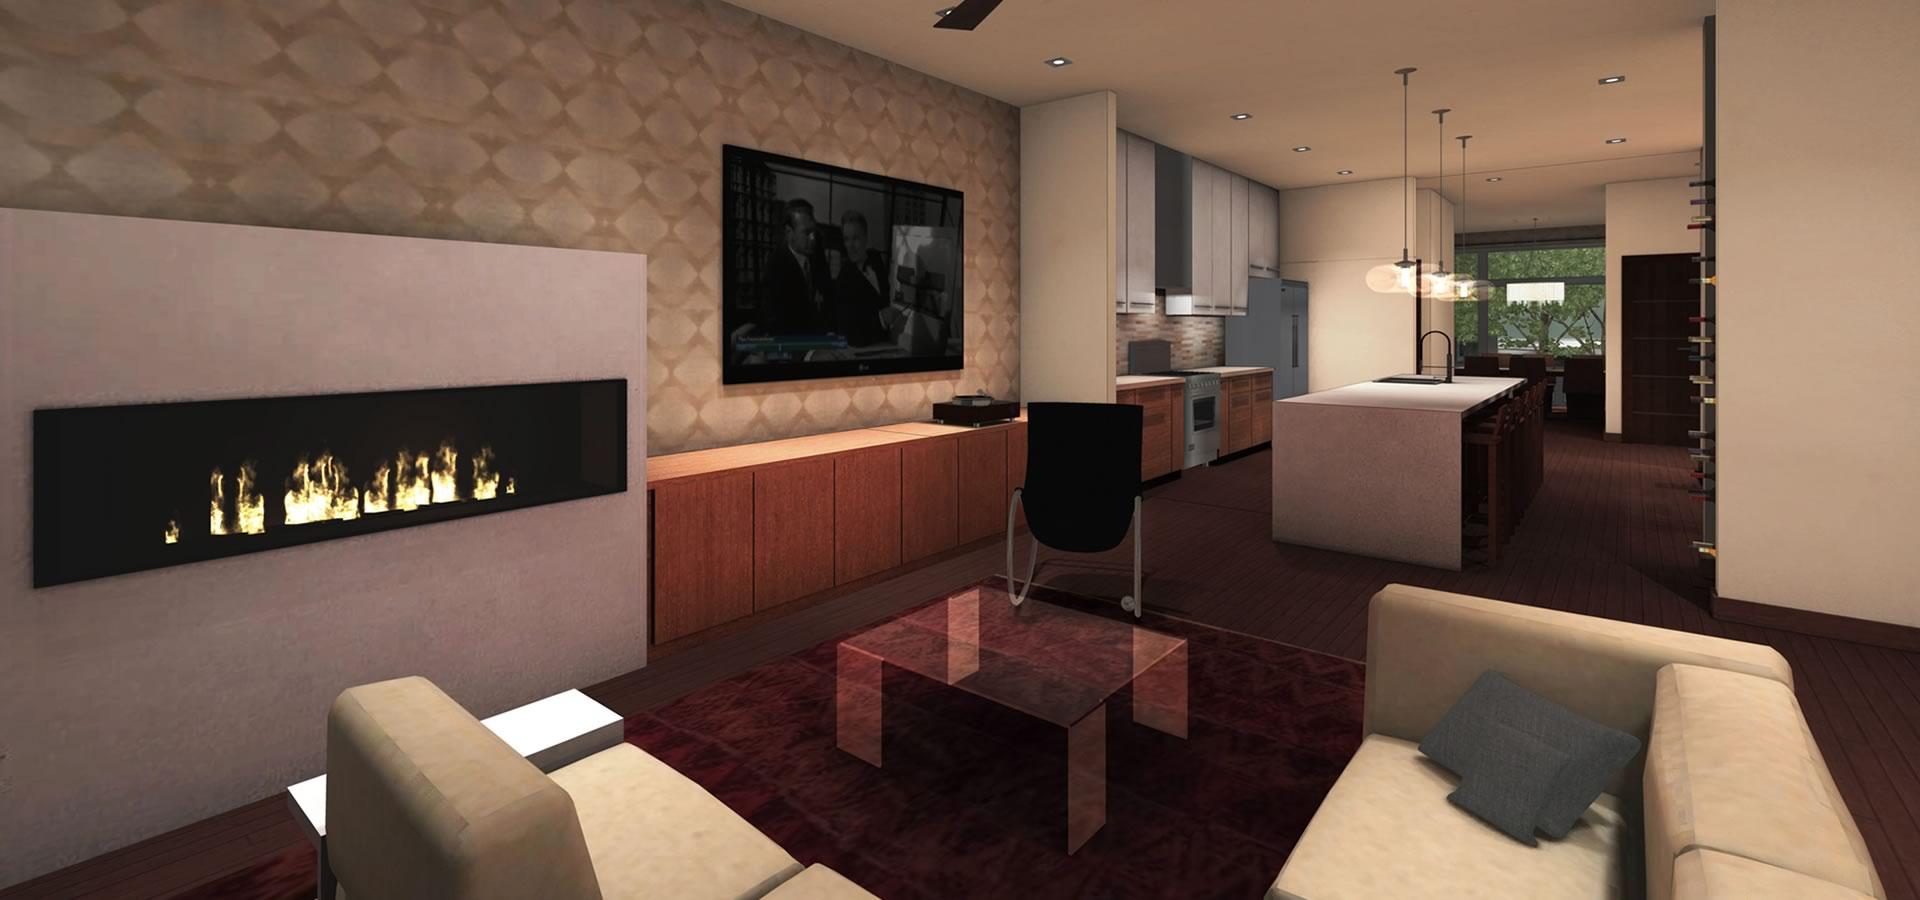 Deweloperzy wykorzystują VR do prezentowania klientom apartamentów, które nawet nie zostały jeszcze wybudowane.